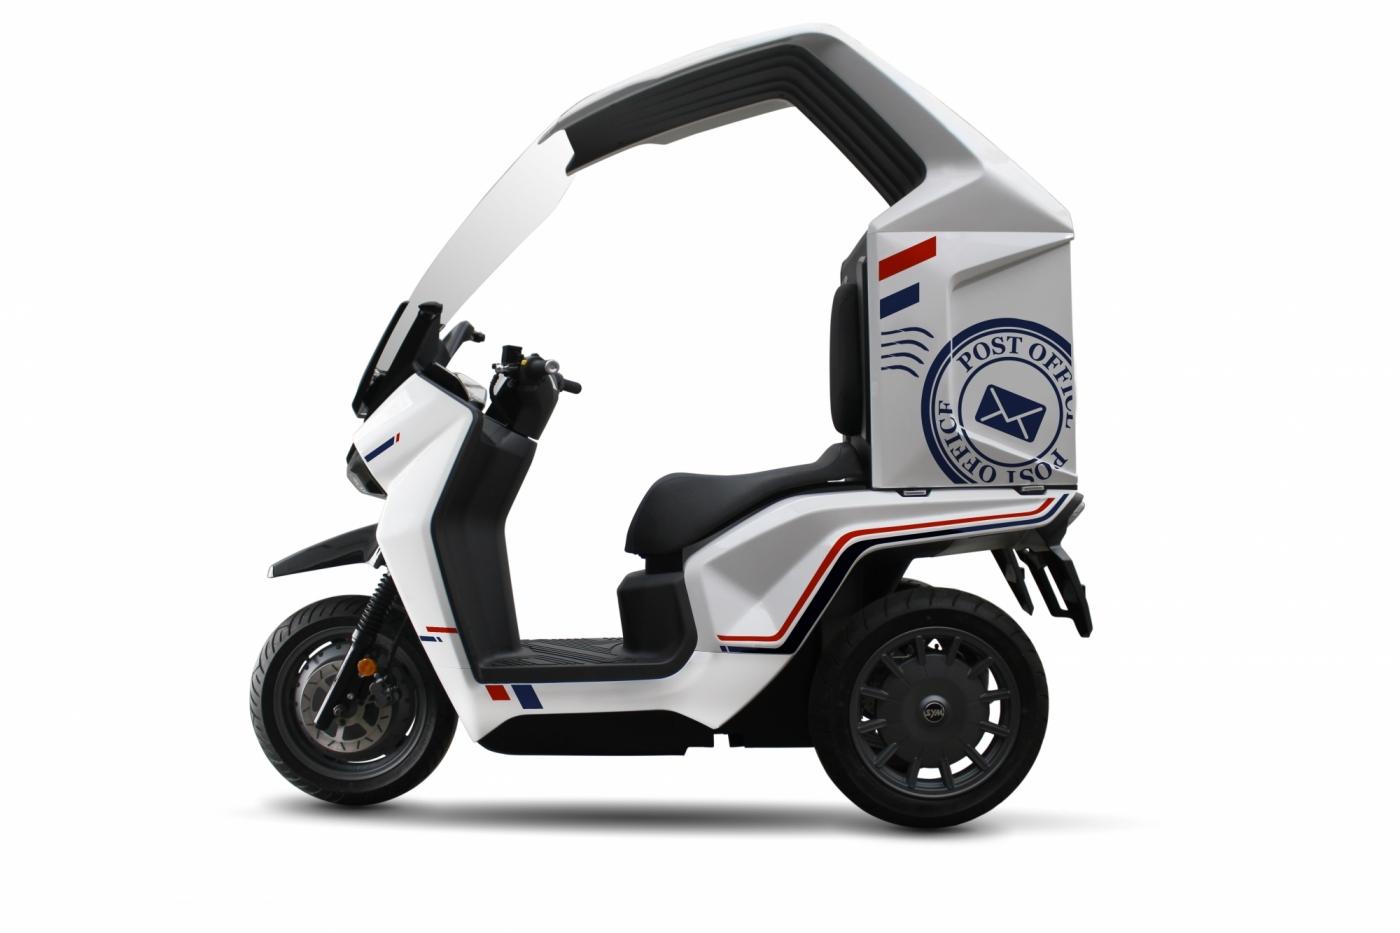 三陽線上車展9款新車齊發!電動三輪車也亮相,用鋁電池快充有什麼特點?